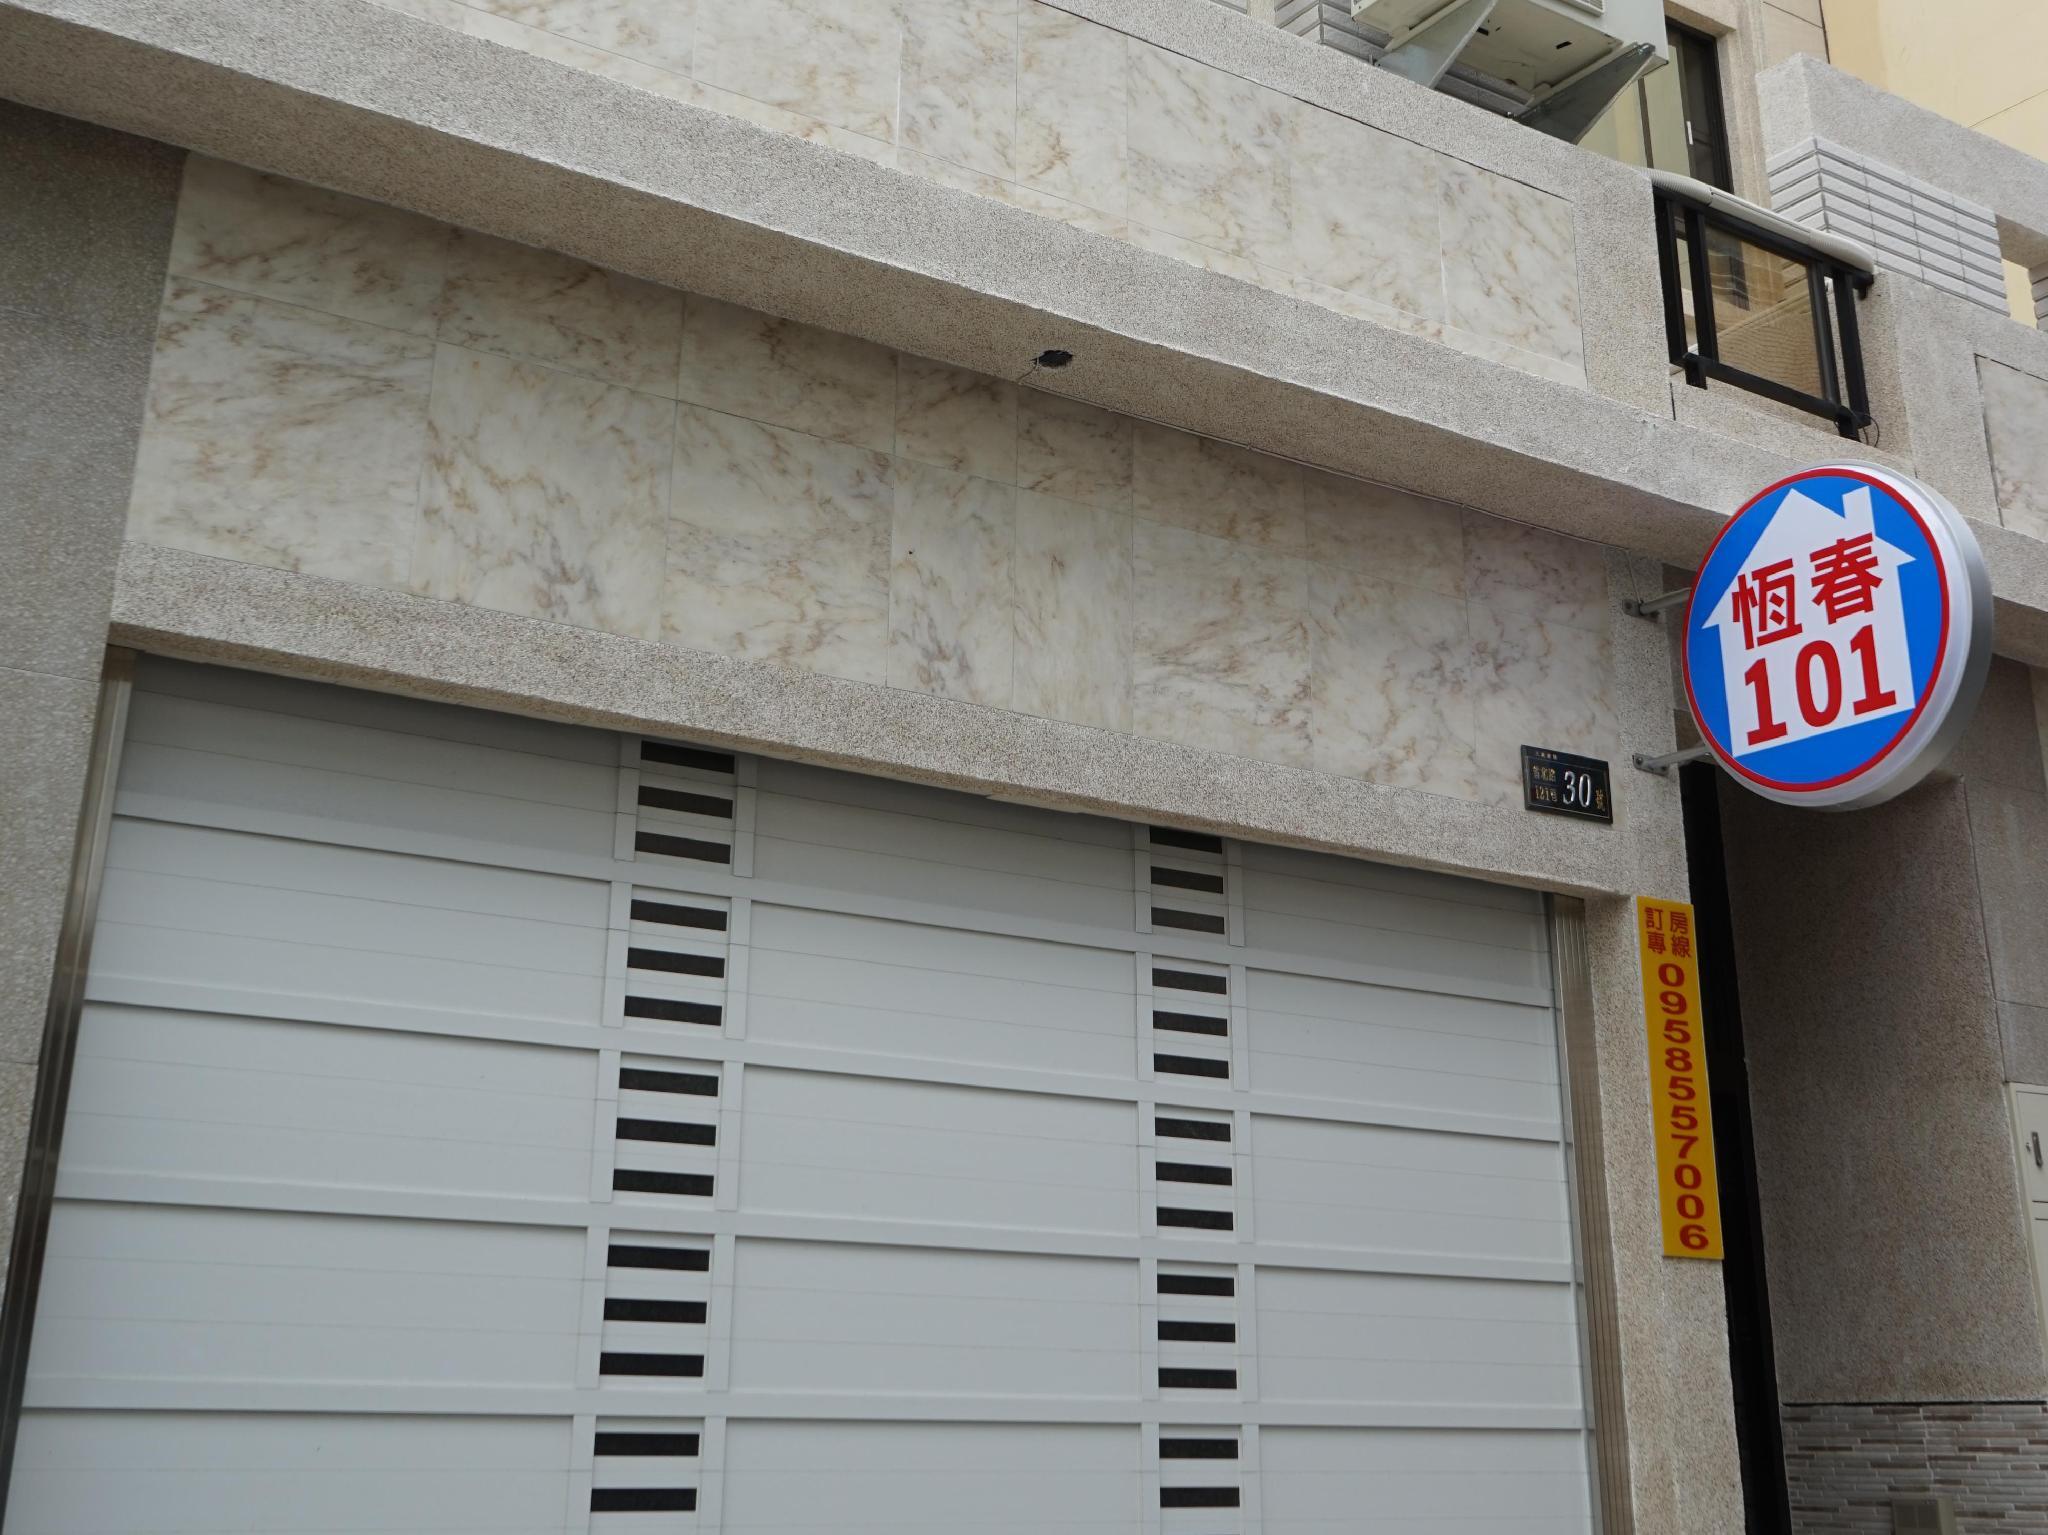 Hengchun 101 Guest House